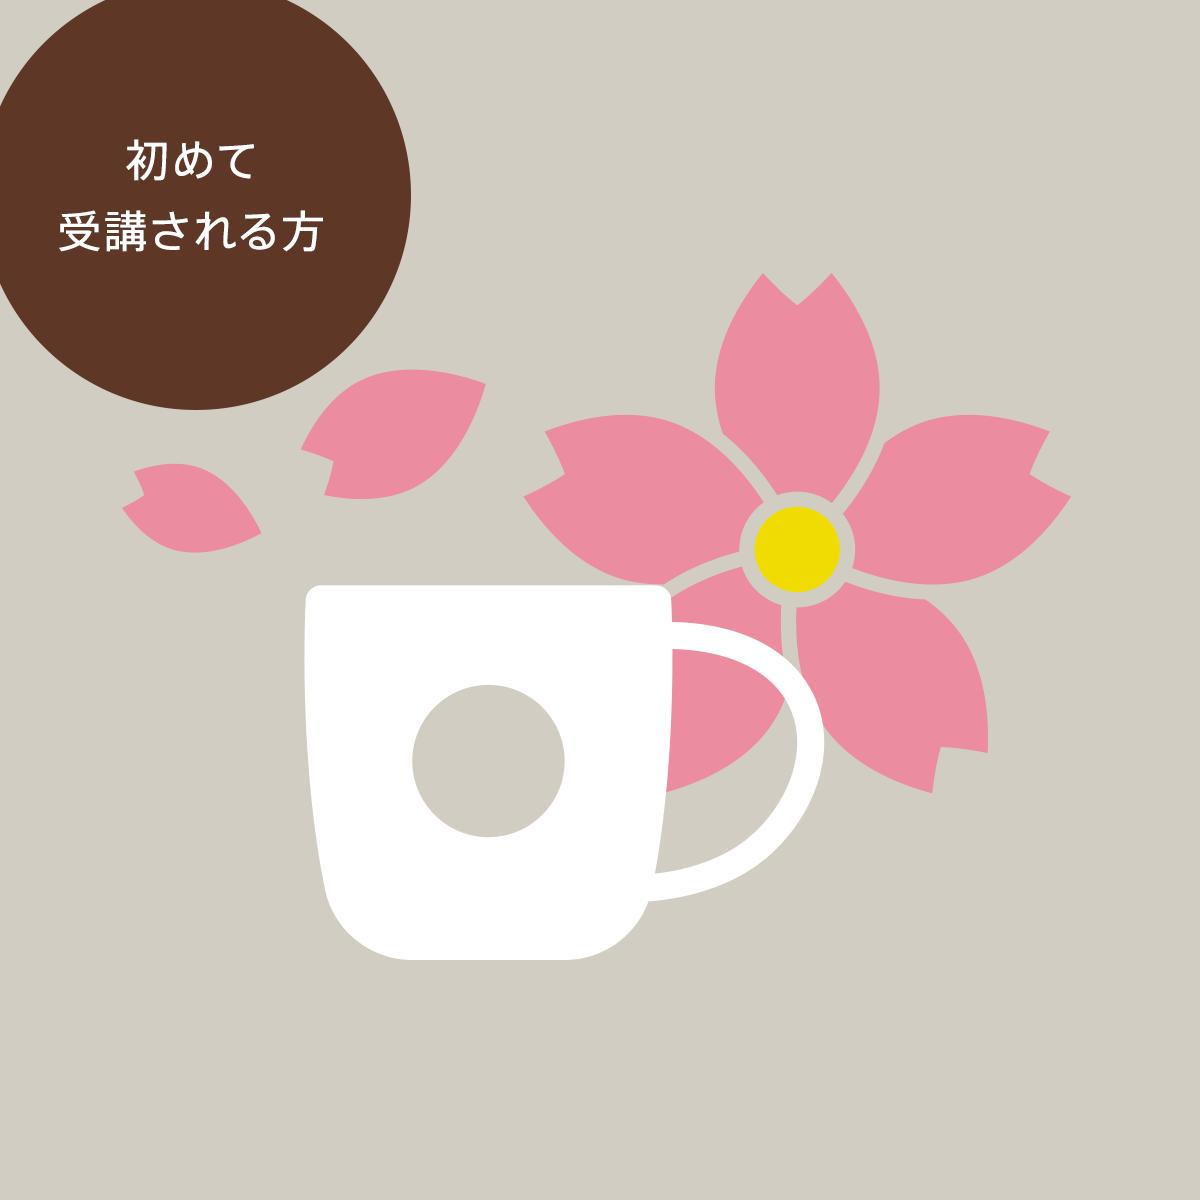 コーヒーをはじめよう 新生活編